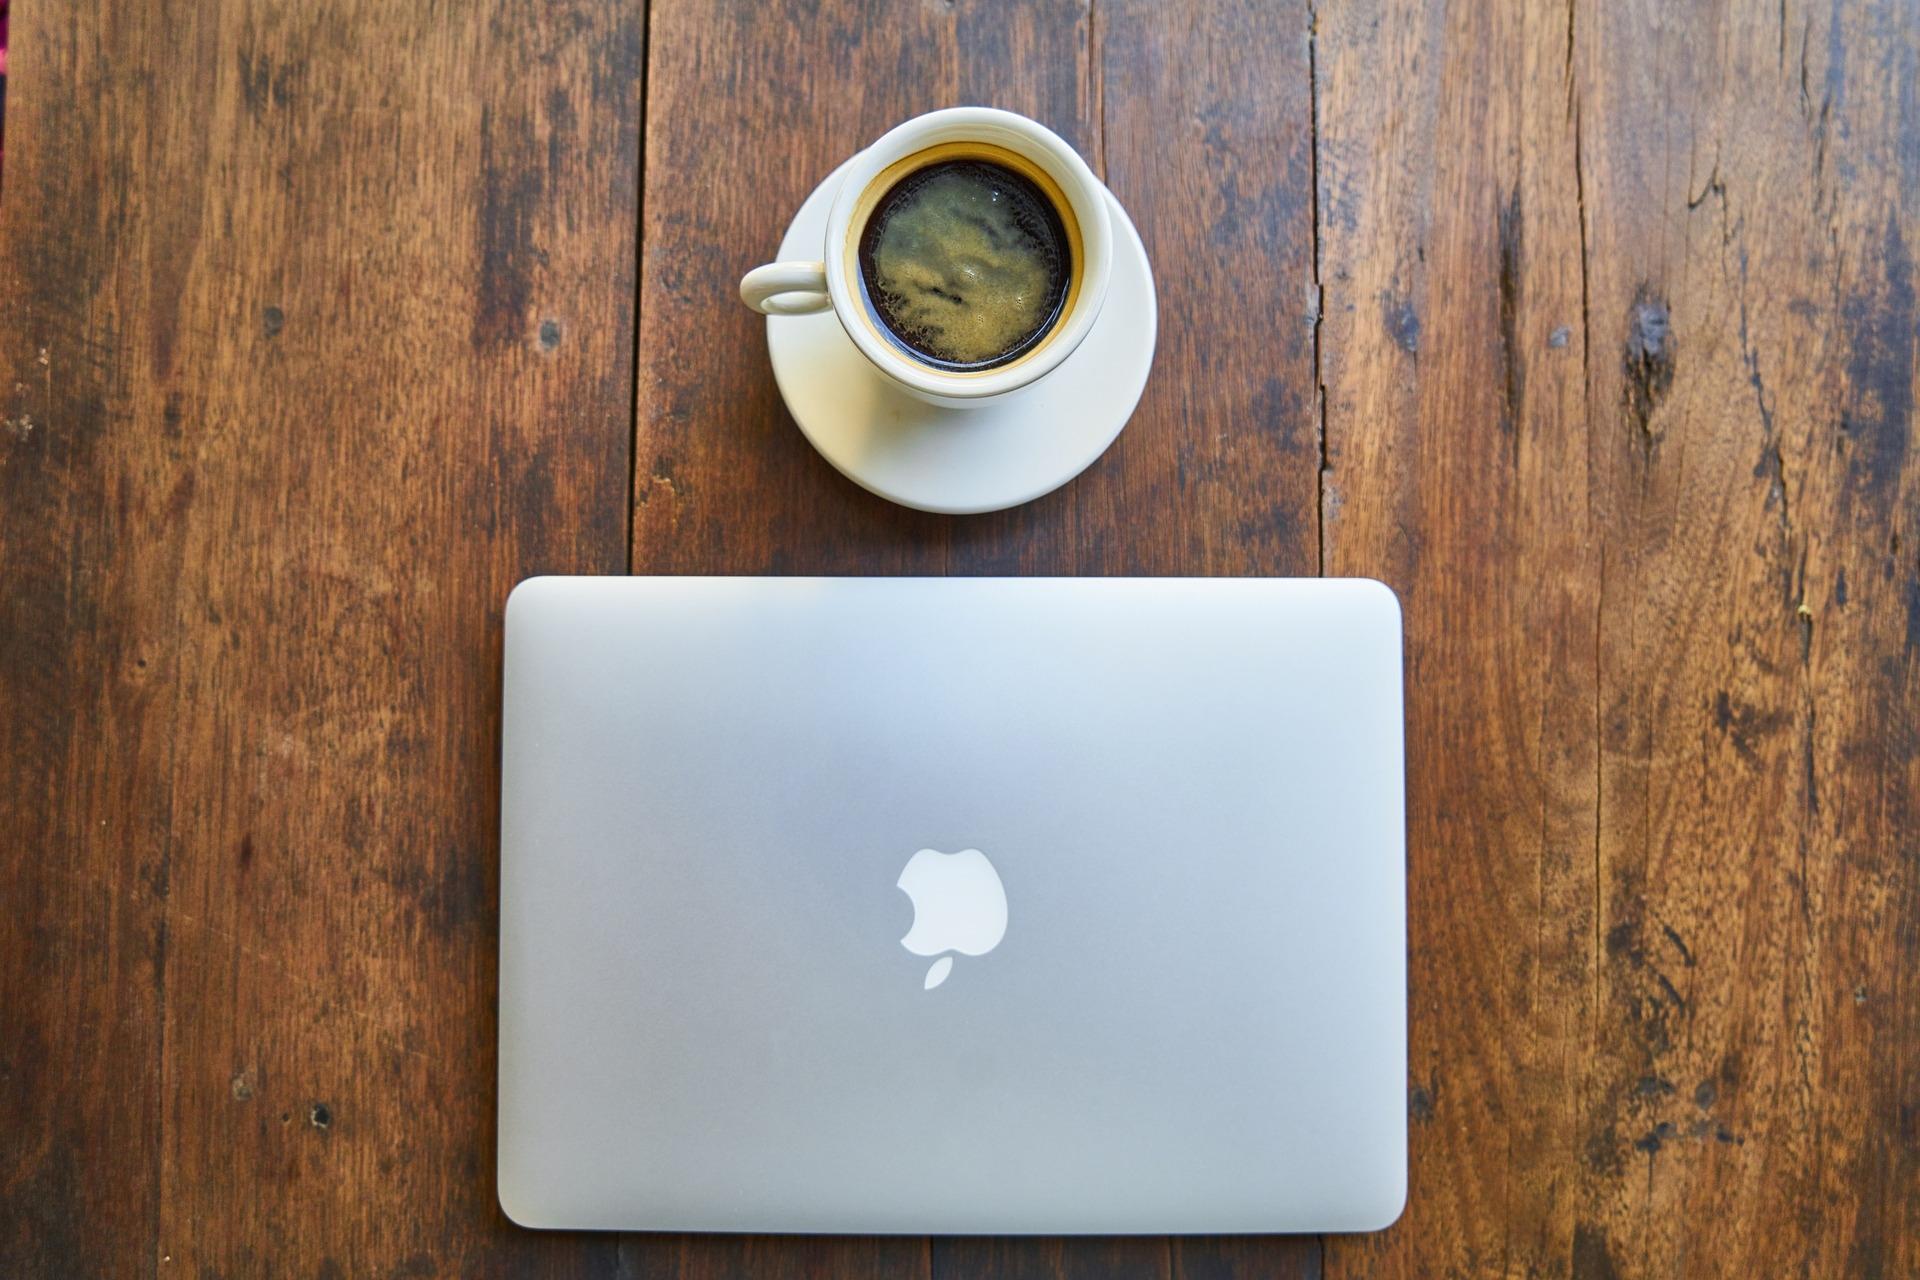 """12"""", масса до 1 кг, до 20 часов работы и цена $800. Характеристики первого ноутбука Apple на собственном процессоре"""